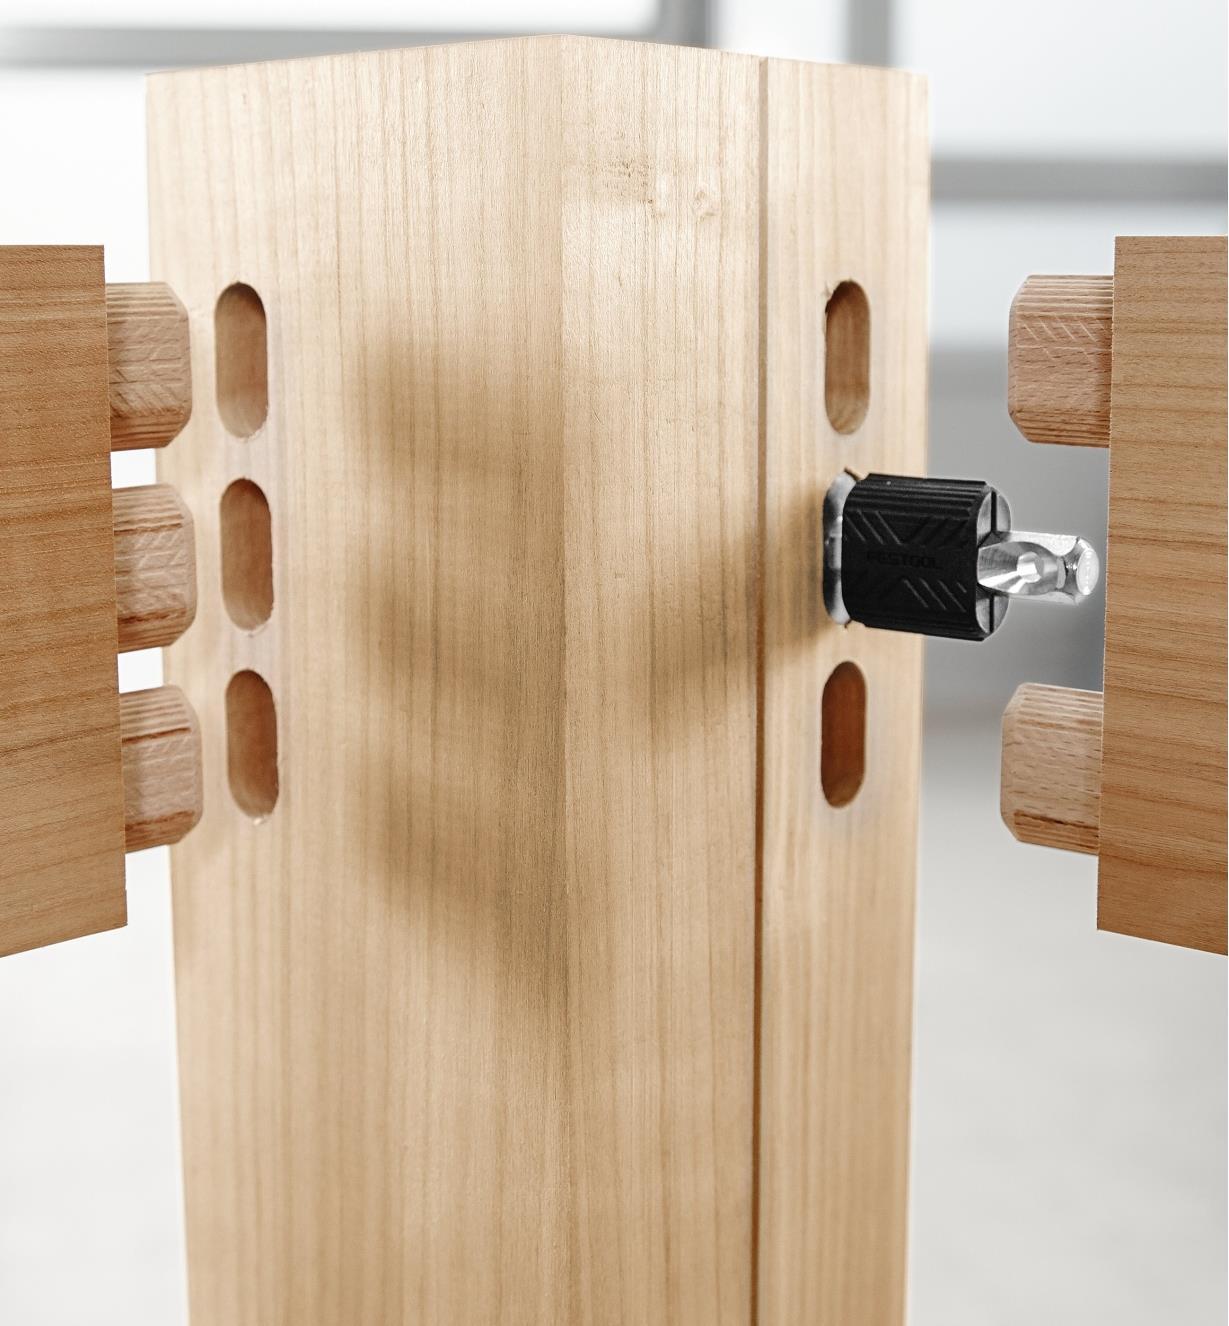 ZA201350 - Élément de fixation traversant, 32 pièces